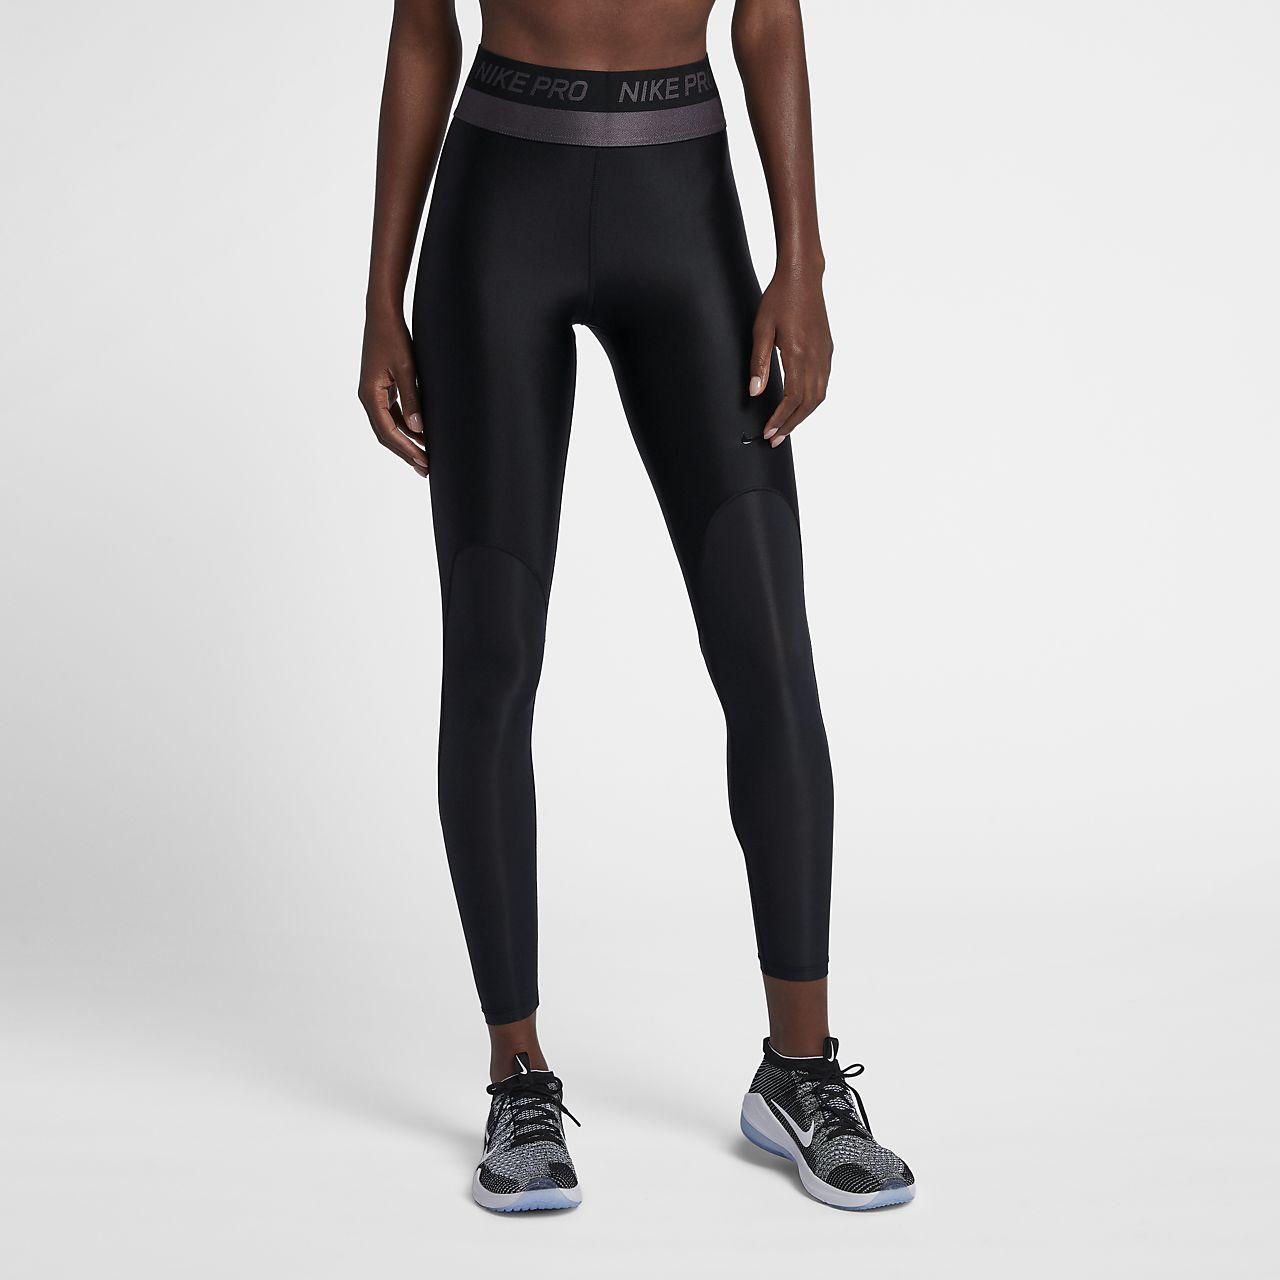 Nike Pro HyperCool Normal Belli Kadın Antrenman Taytı